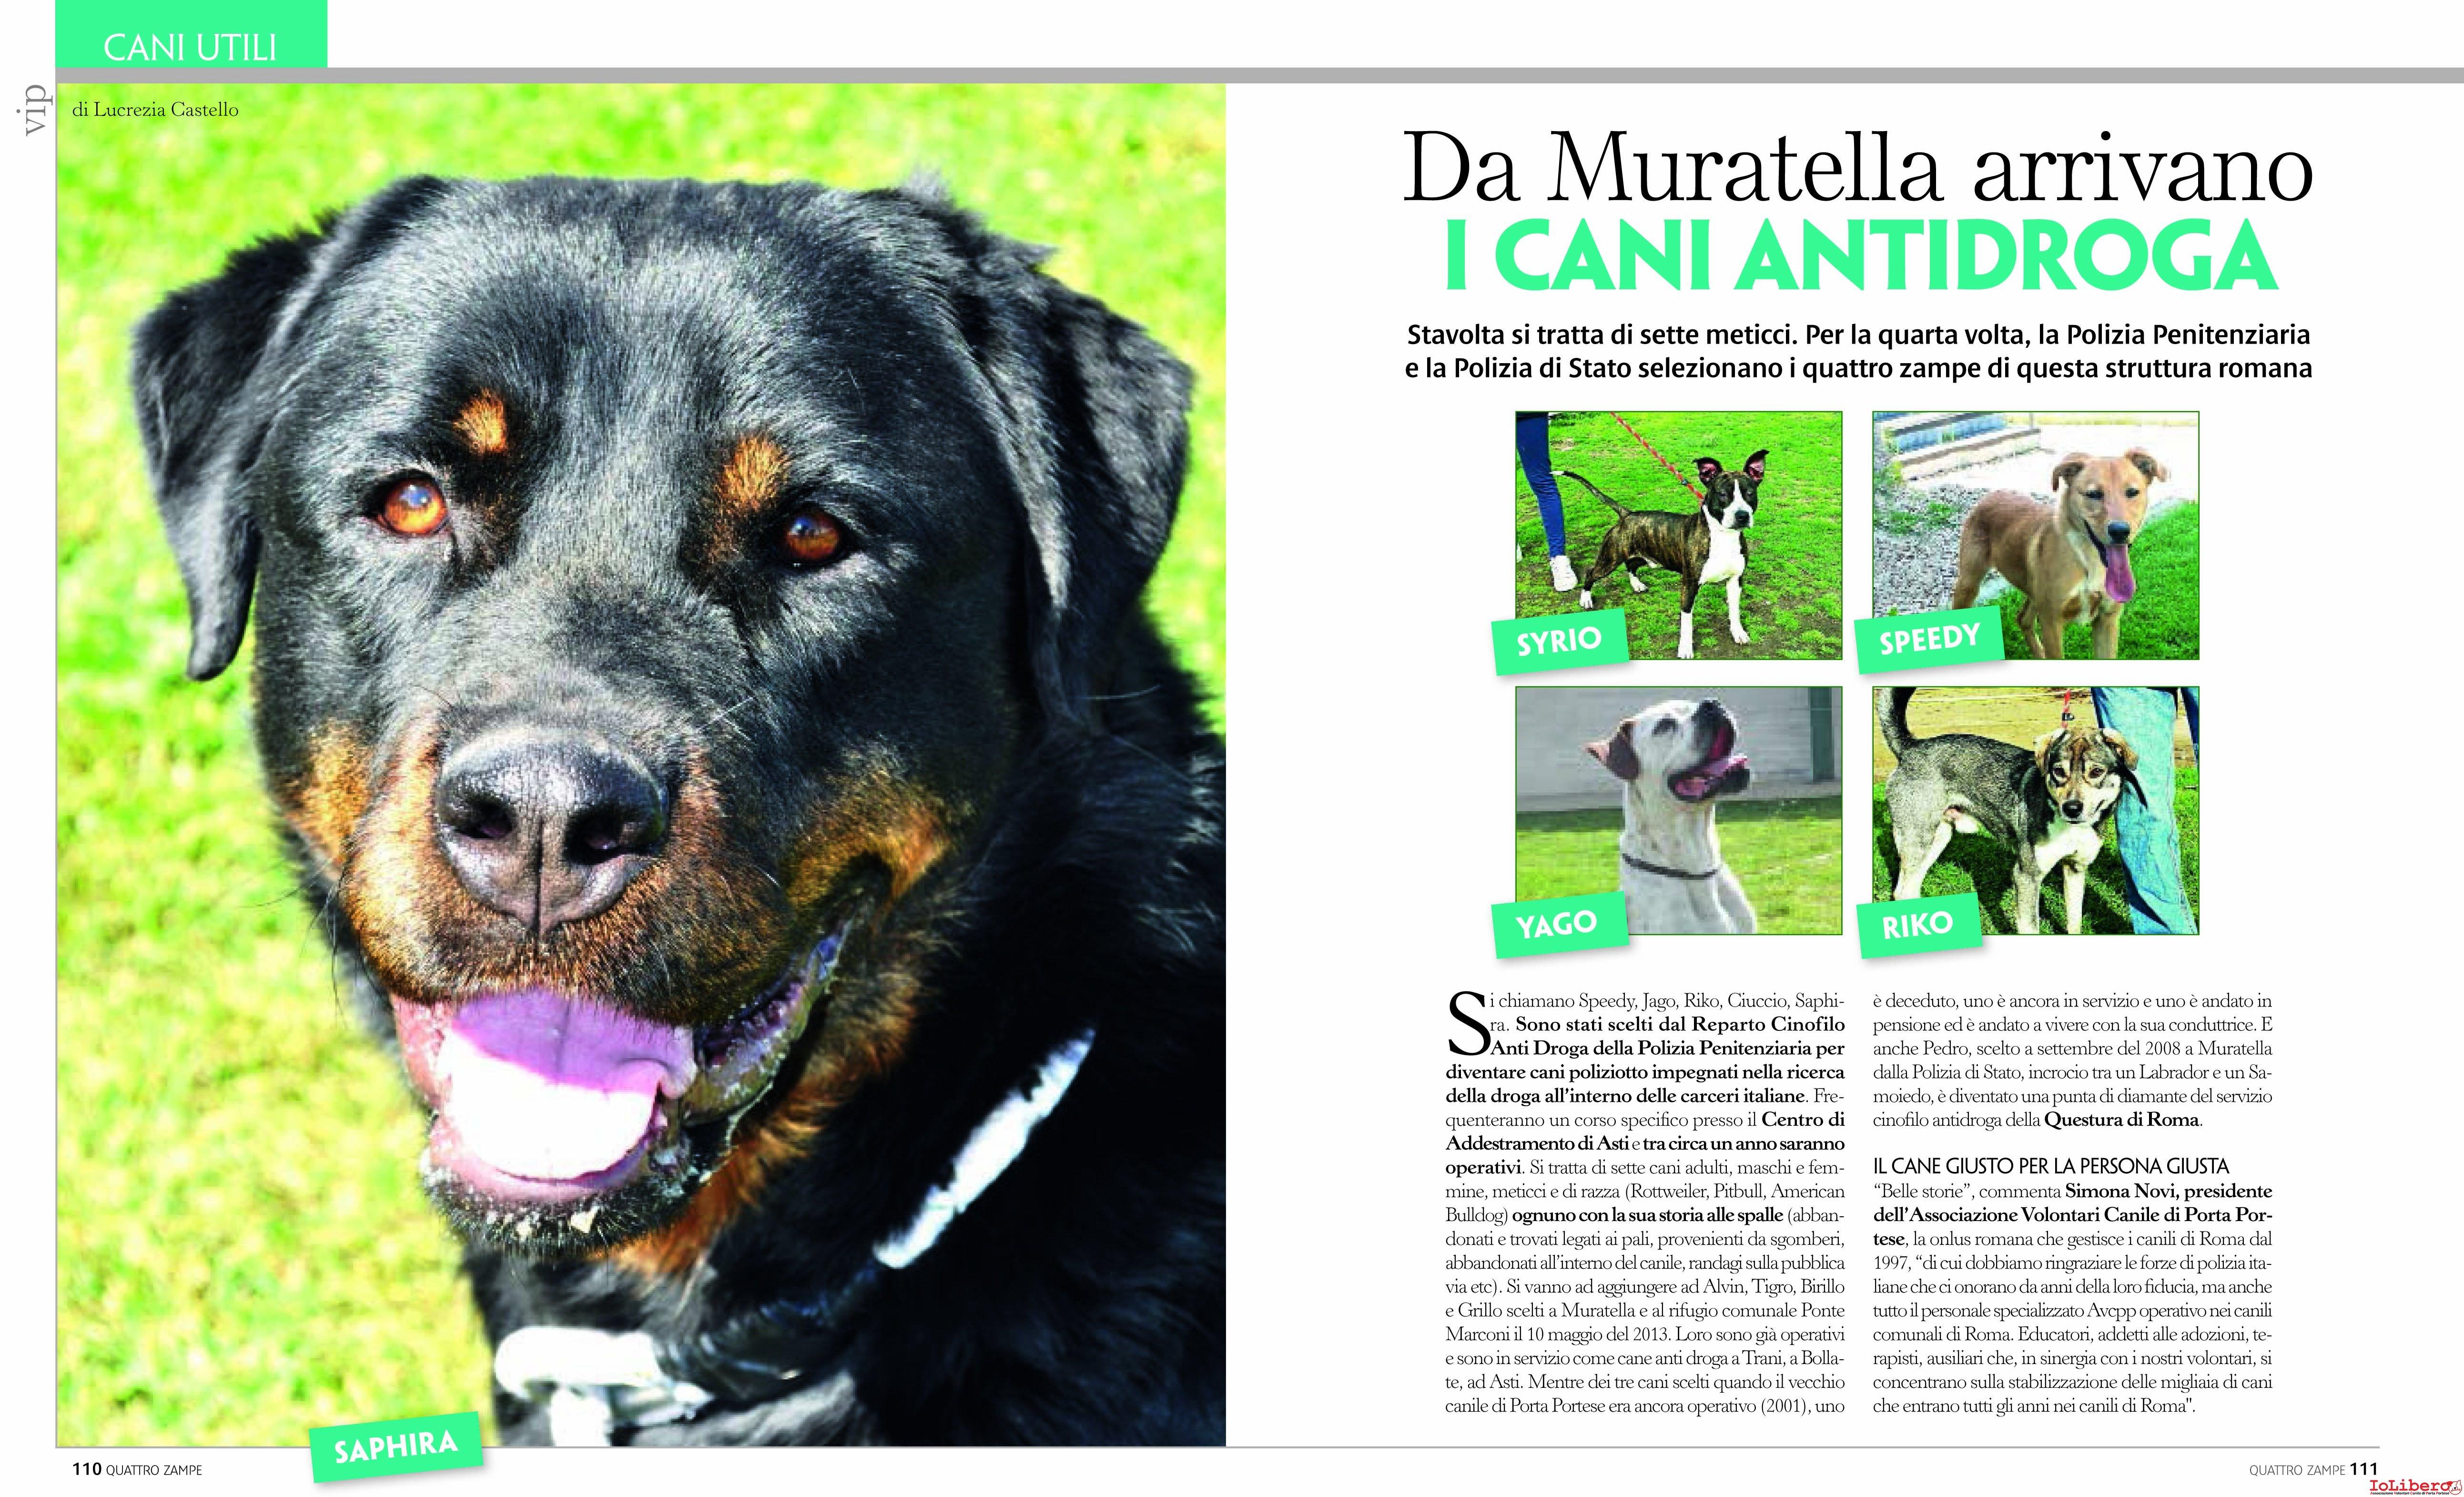 Da muratella alla polizia 7 cani meticci all 39 antidroga - Porta portese numero ...